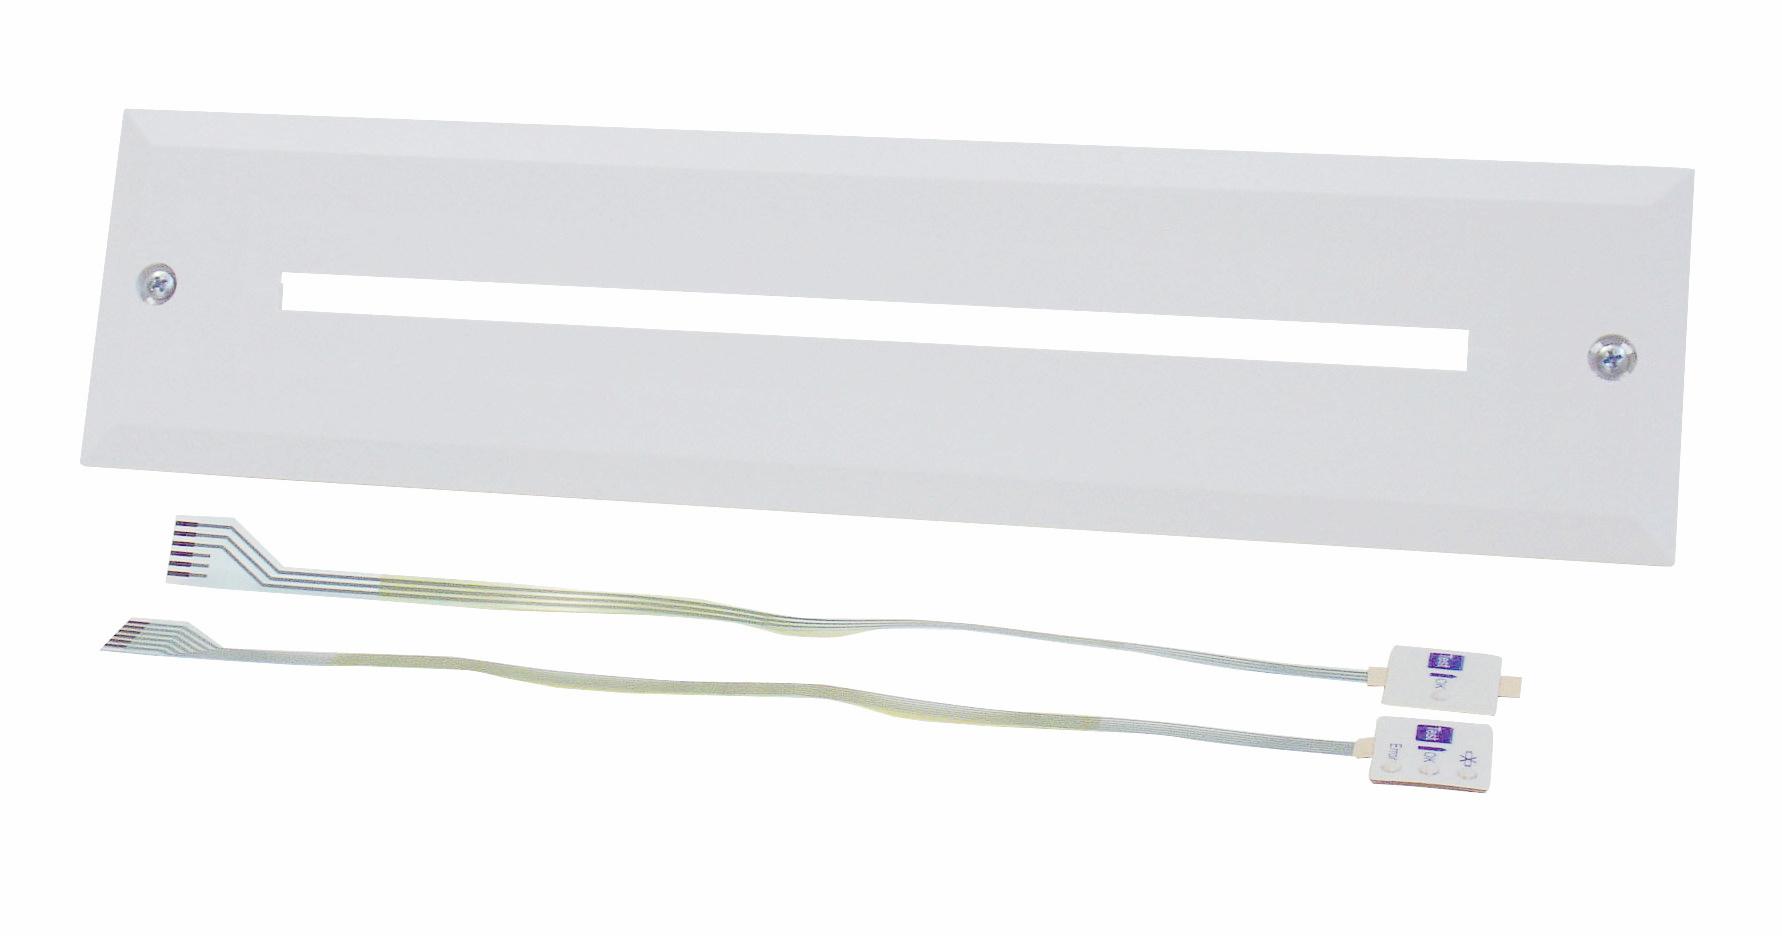 1 Stk Einbaurahmen für KX mit schmalem Ausschnitt NLKXE-EB--